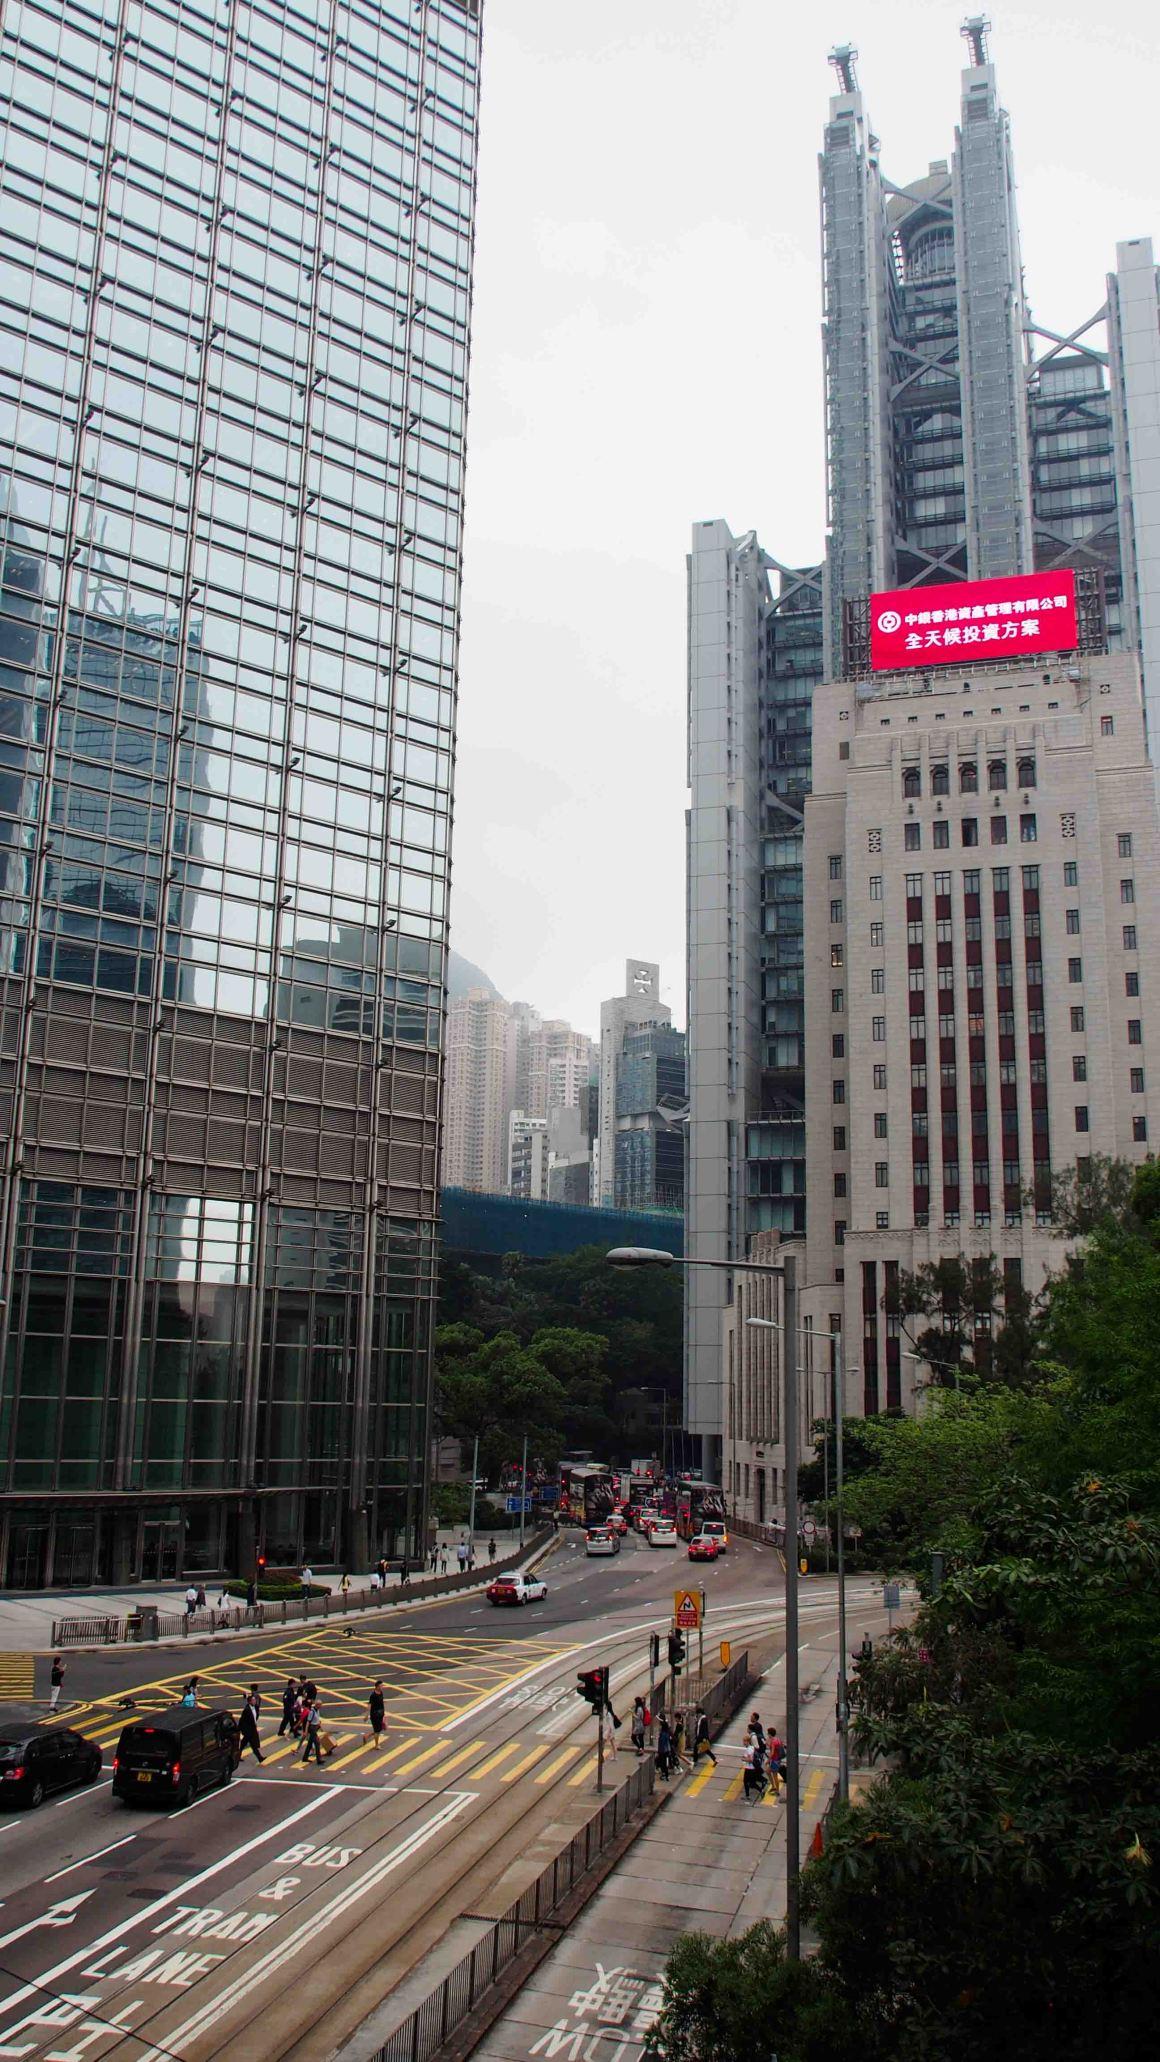 OLD-BANK-OF-CHINA-HONG-KONG